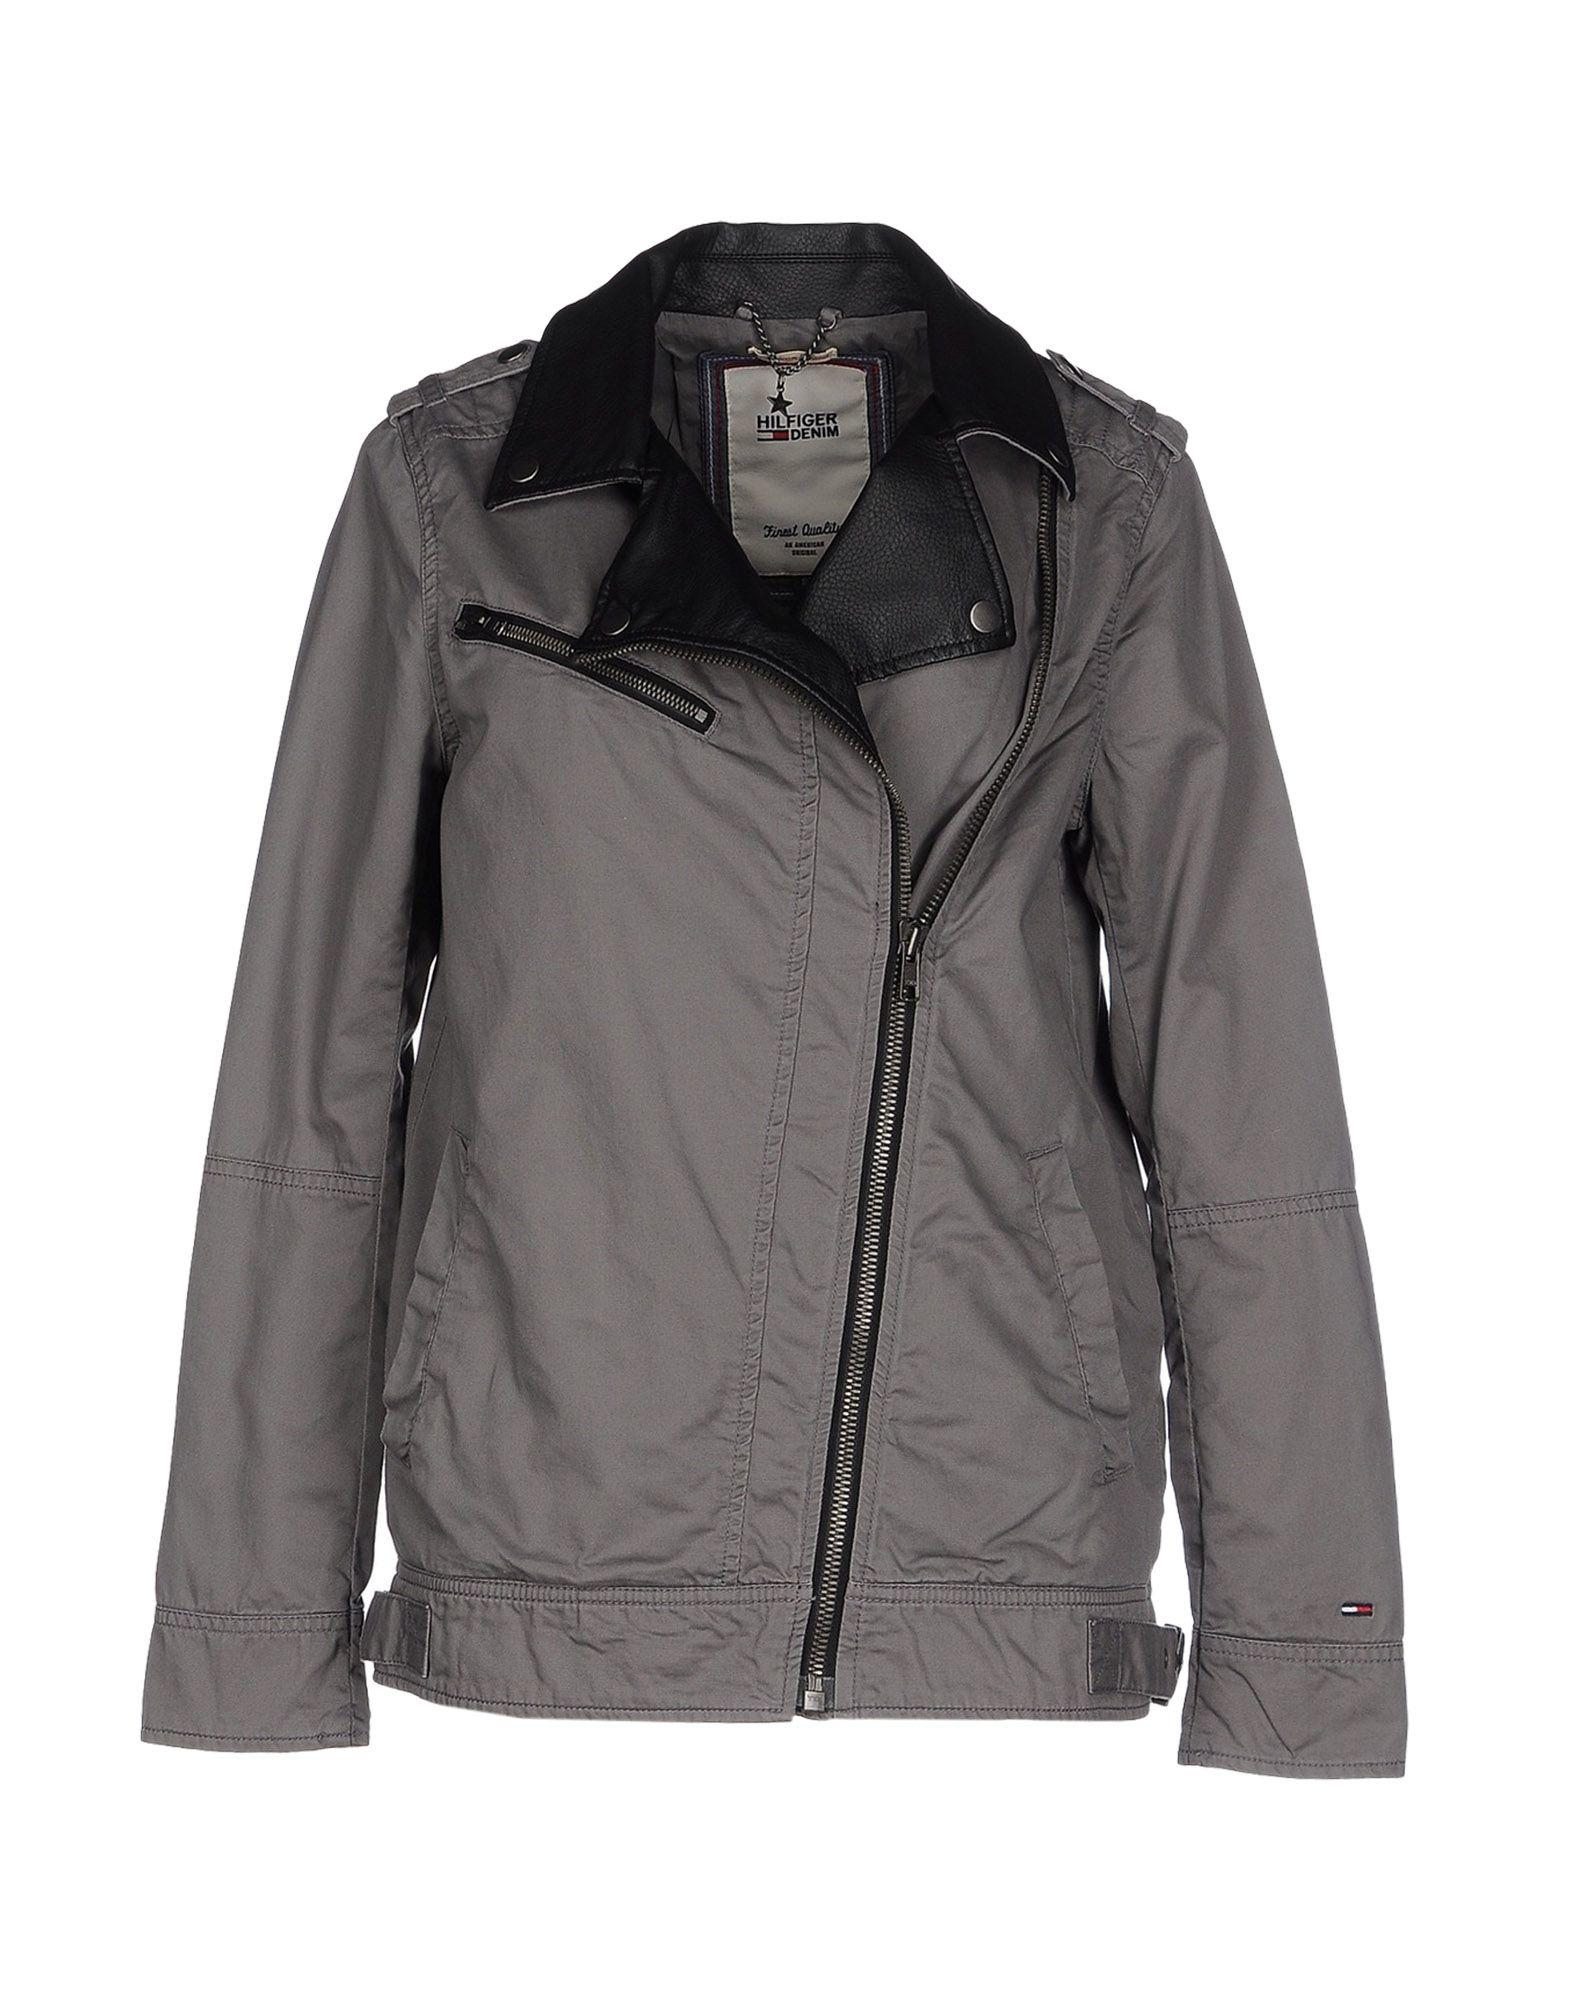 hilfiger denim jacket in gray for men lyst. Black Bedroom Furniture Sets. Home Design Ideas